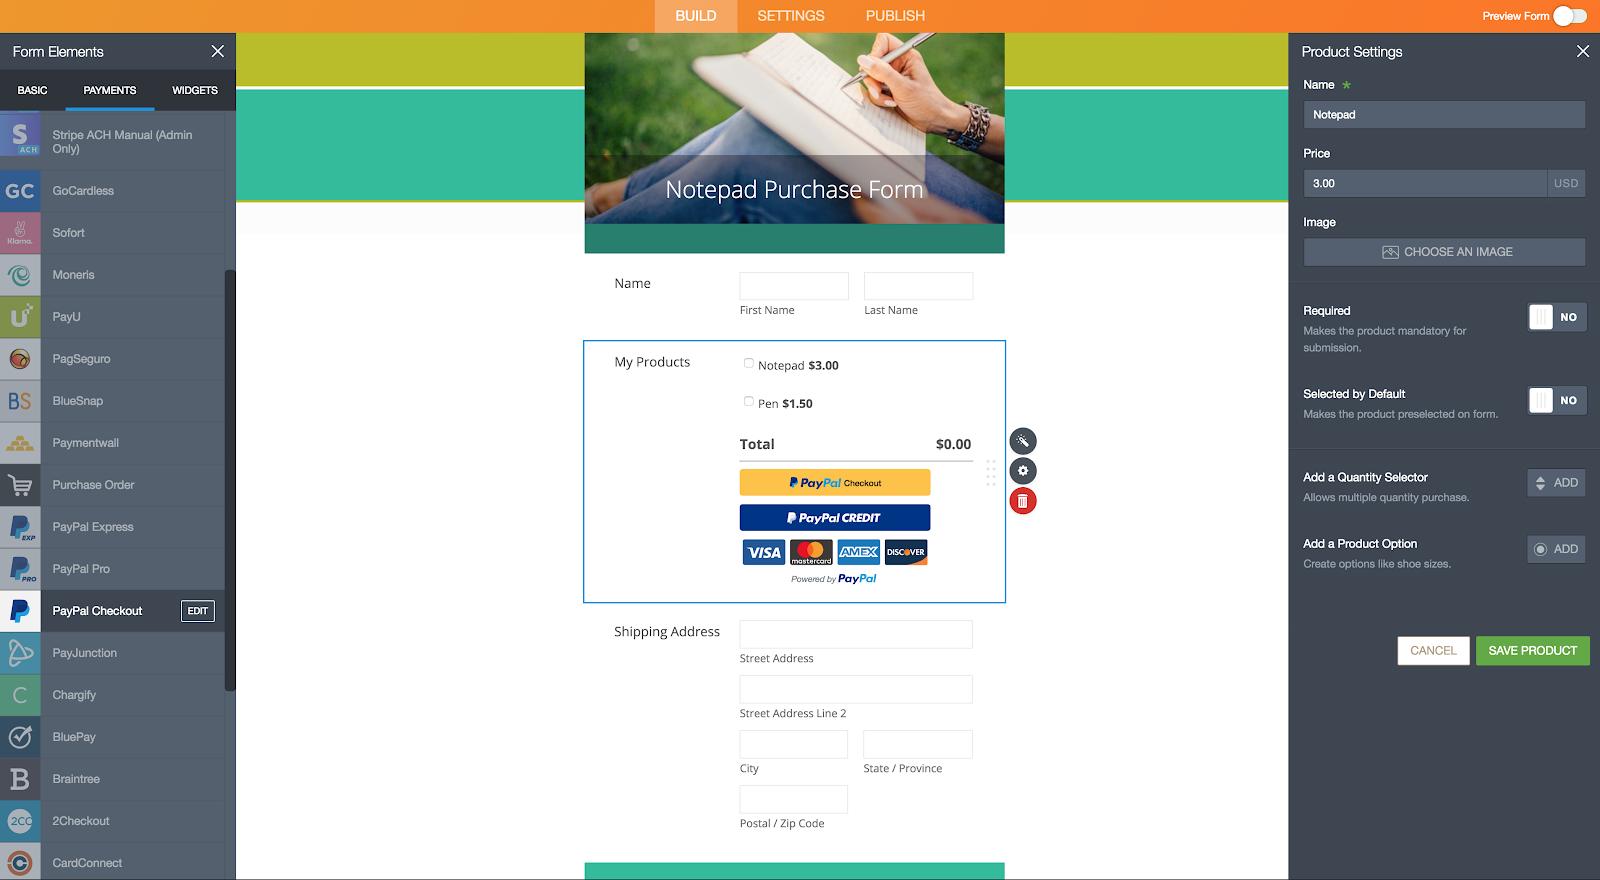 PayPal Checkout_2